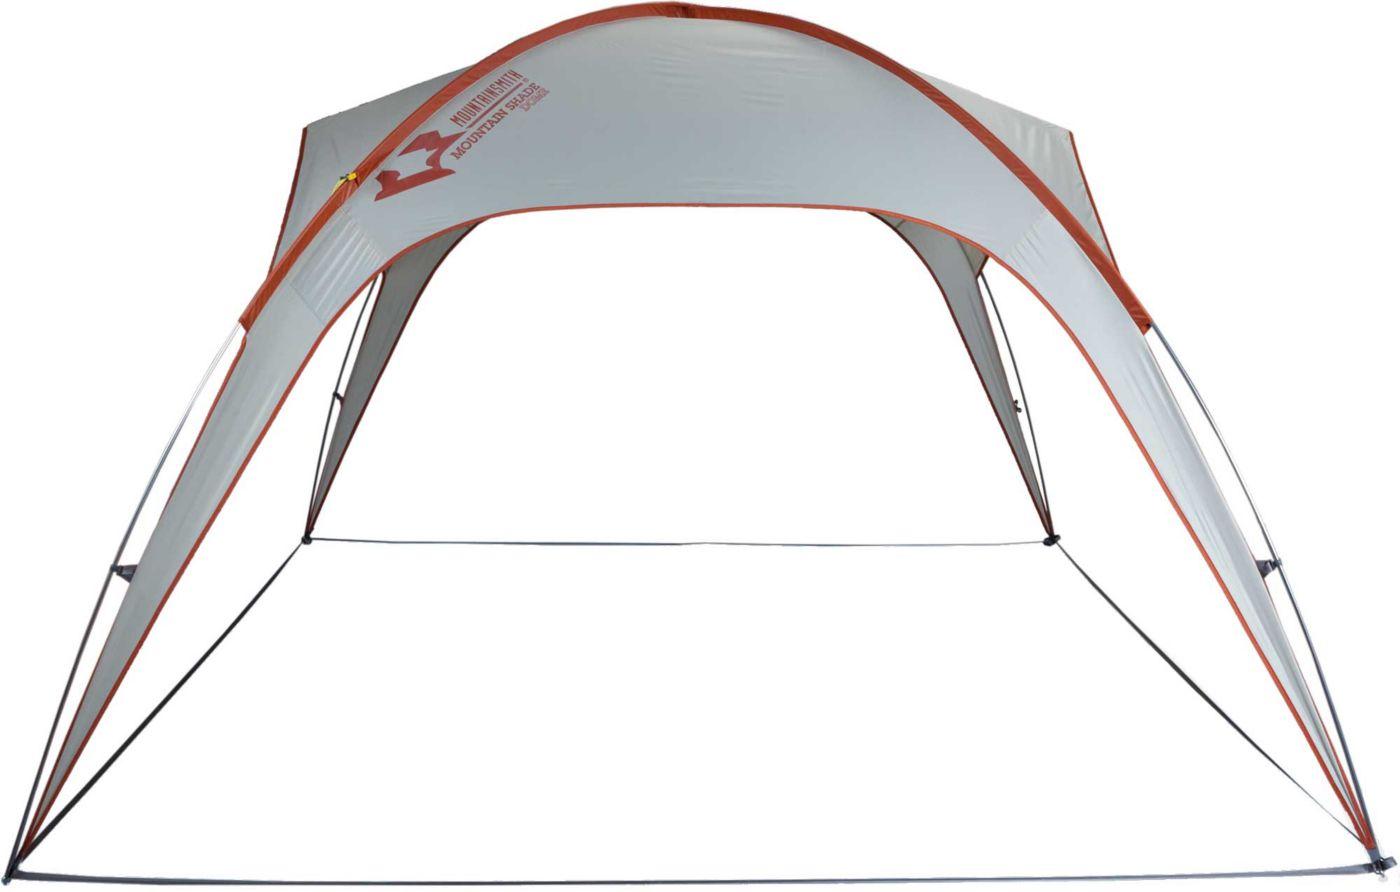 Mountainsmith Mountain Shade Dome